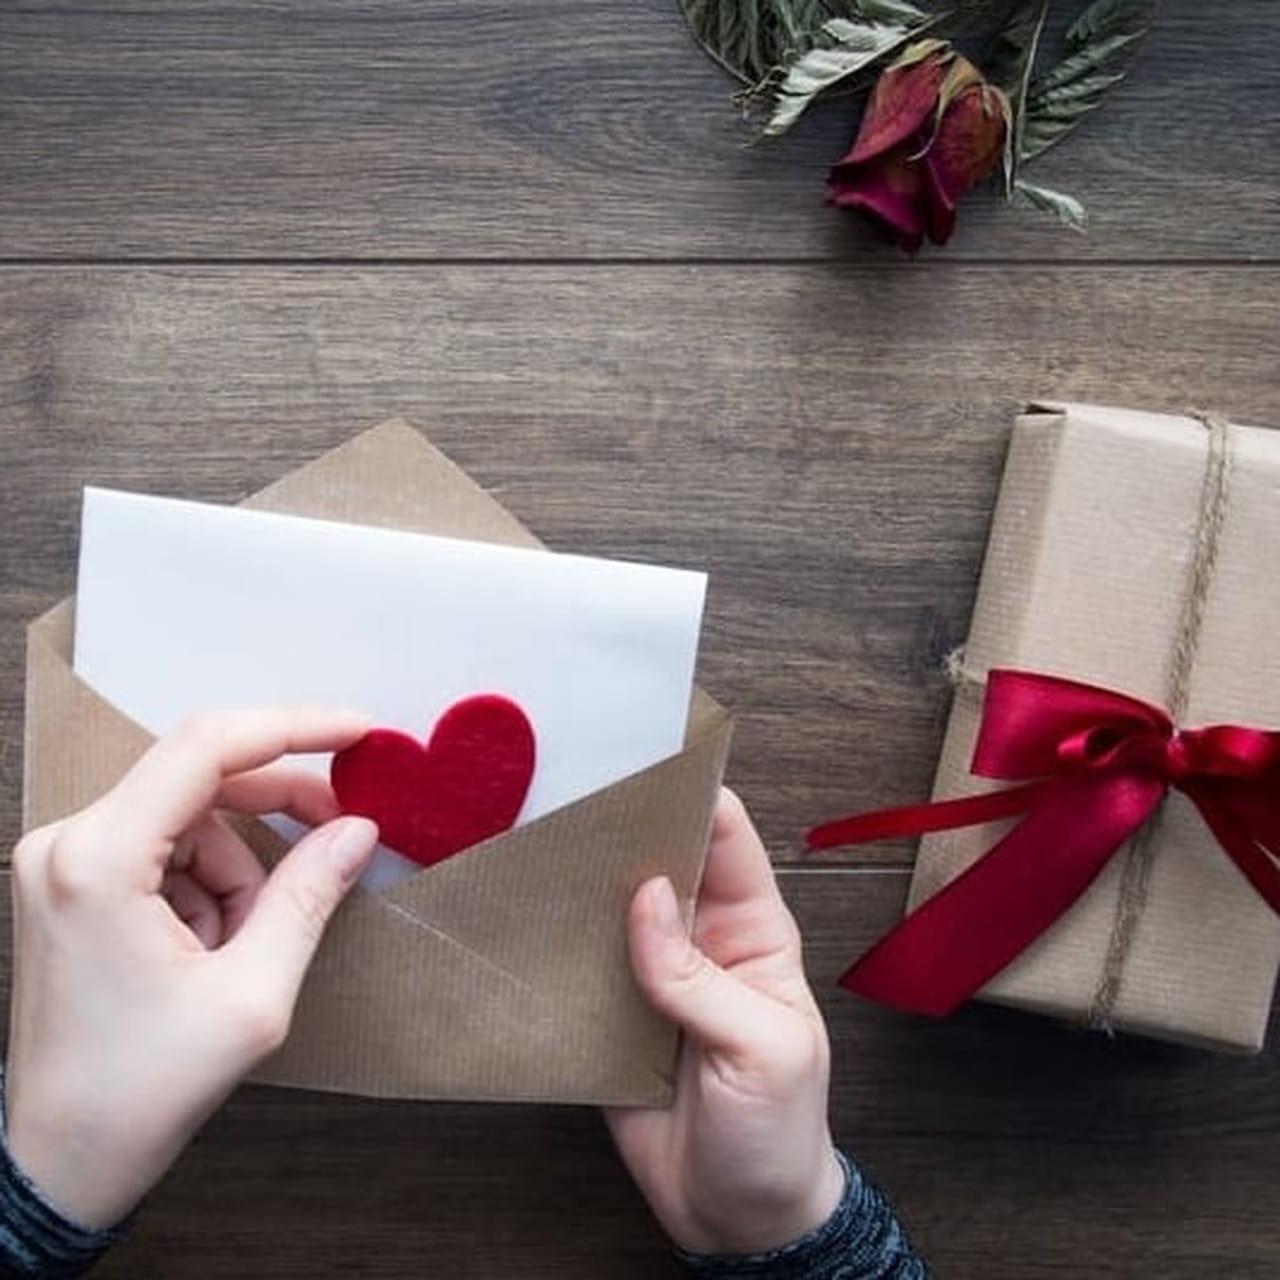 Lettre d amour pour lui : modèle de courrier romantique - Modèle ...